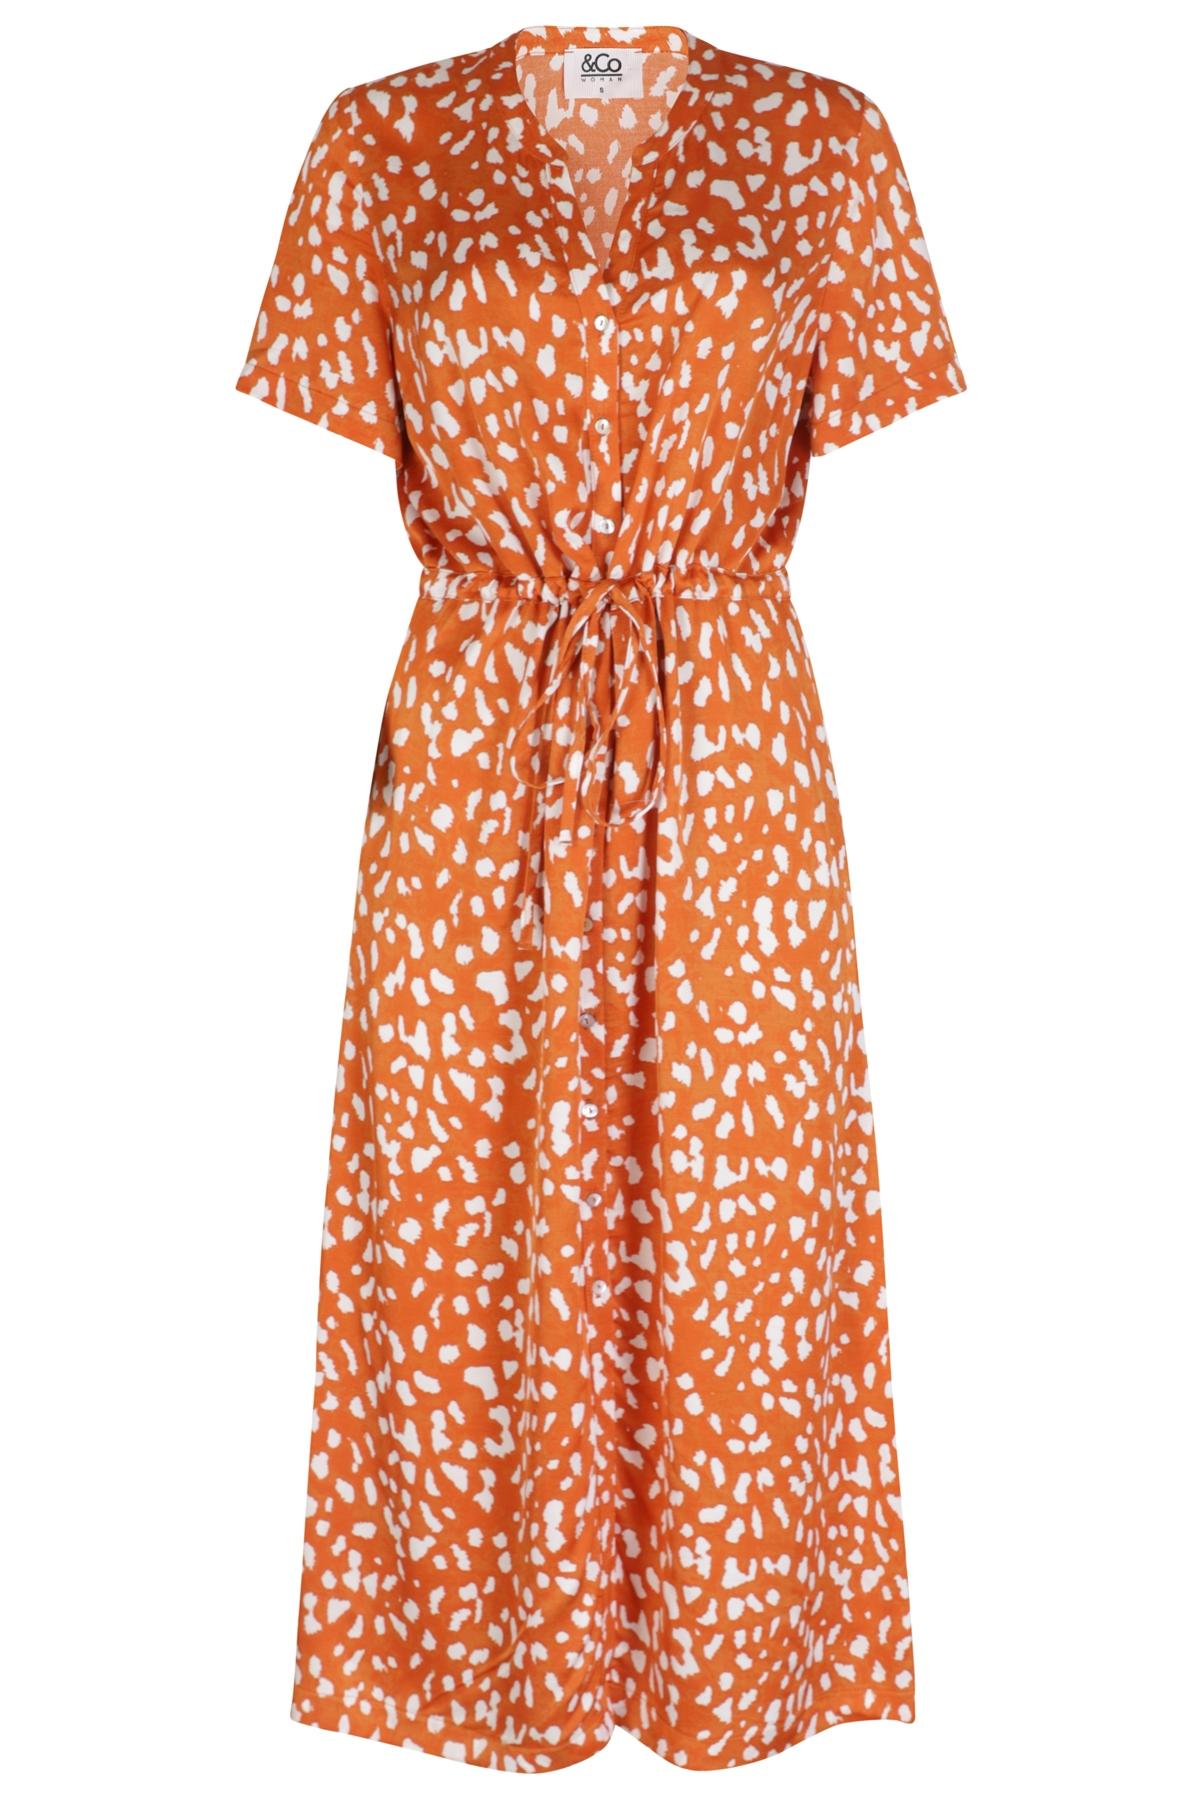 &Co Woman Maxi-jurken Oranje Brechje